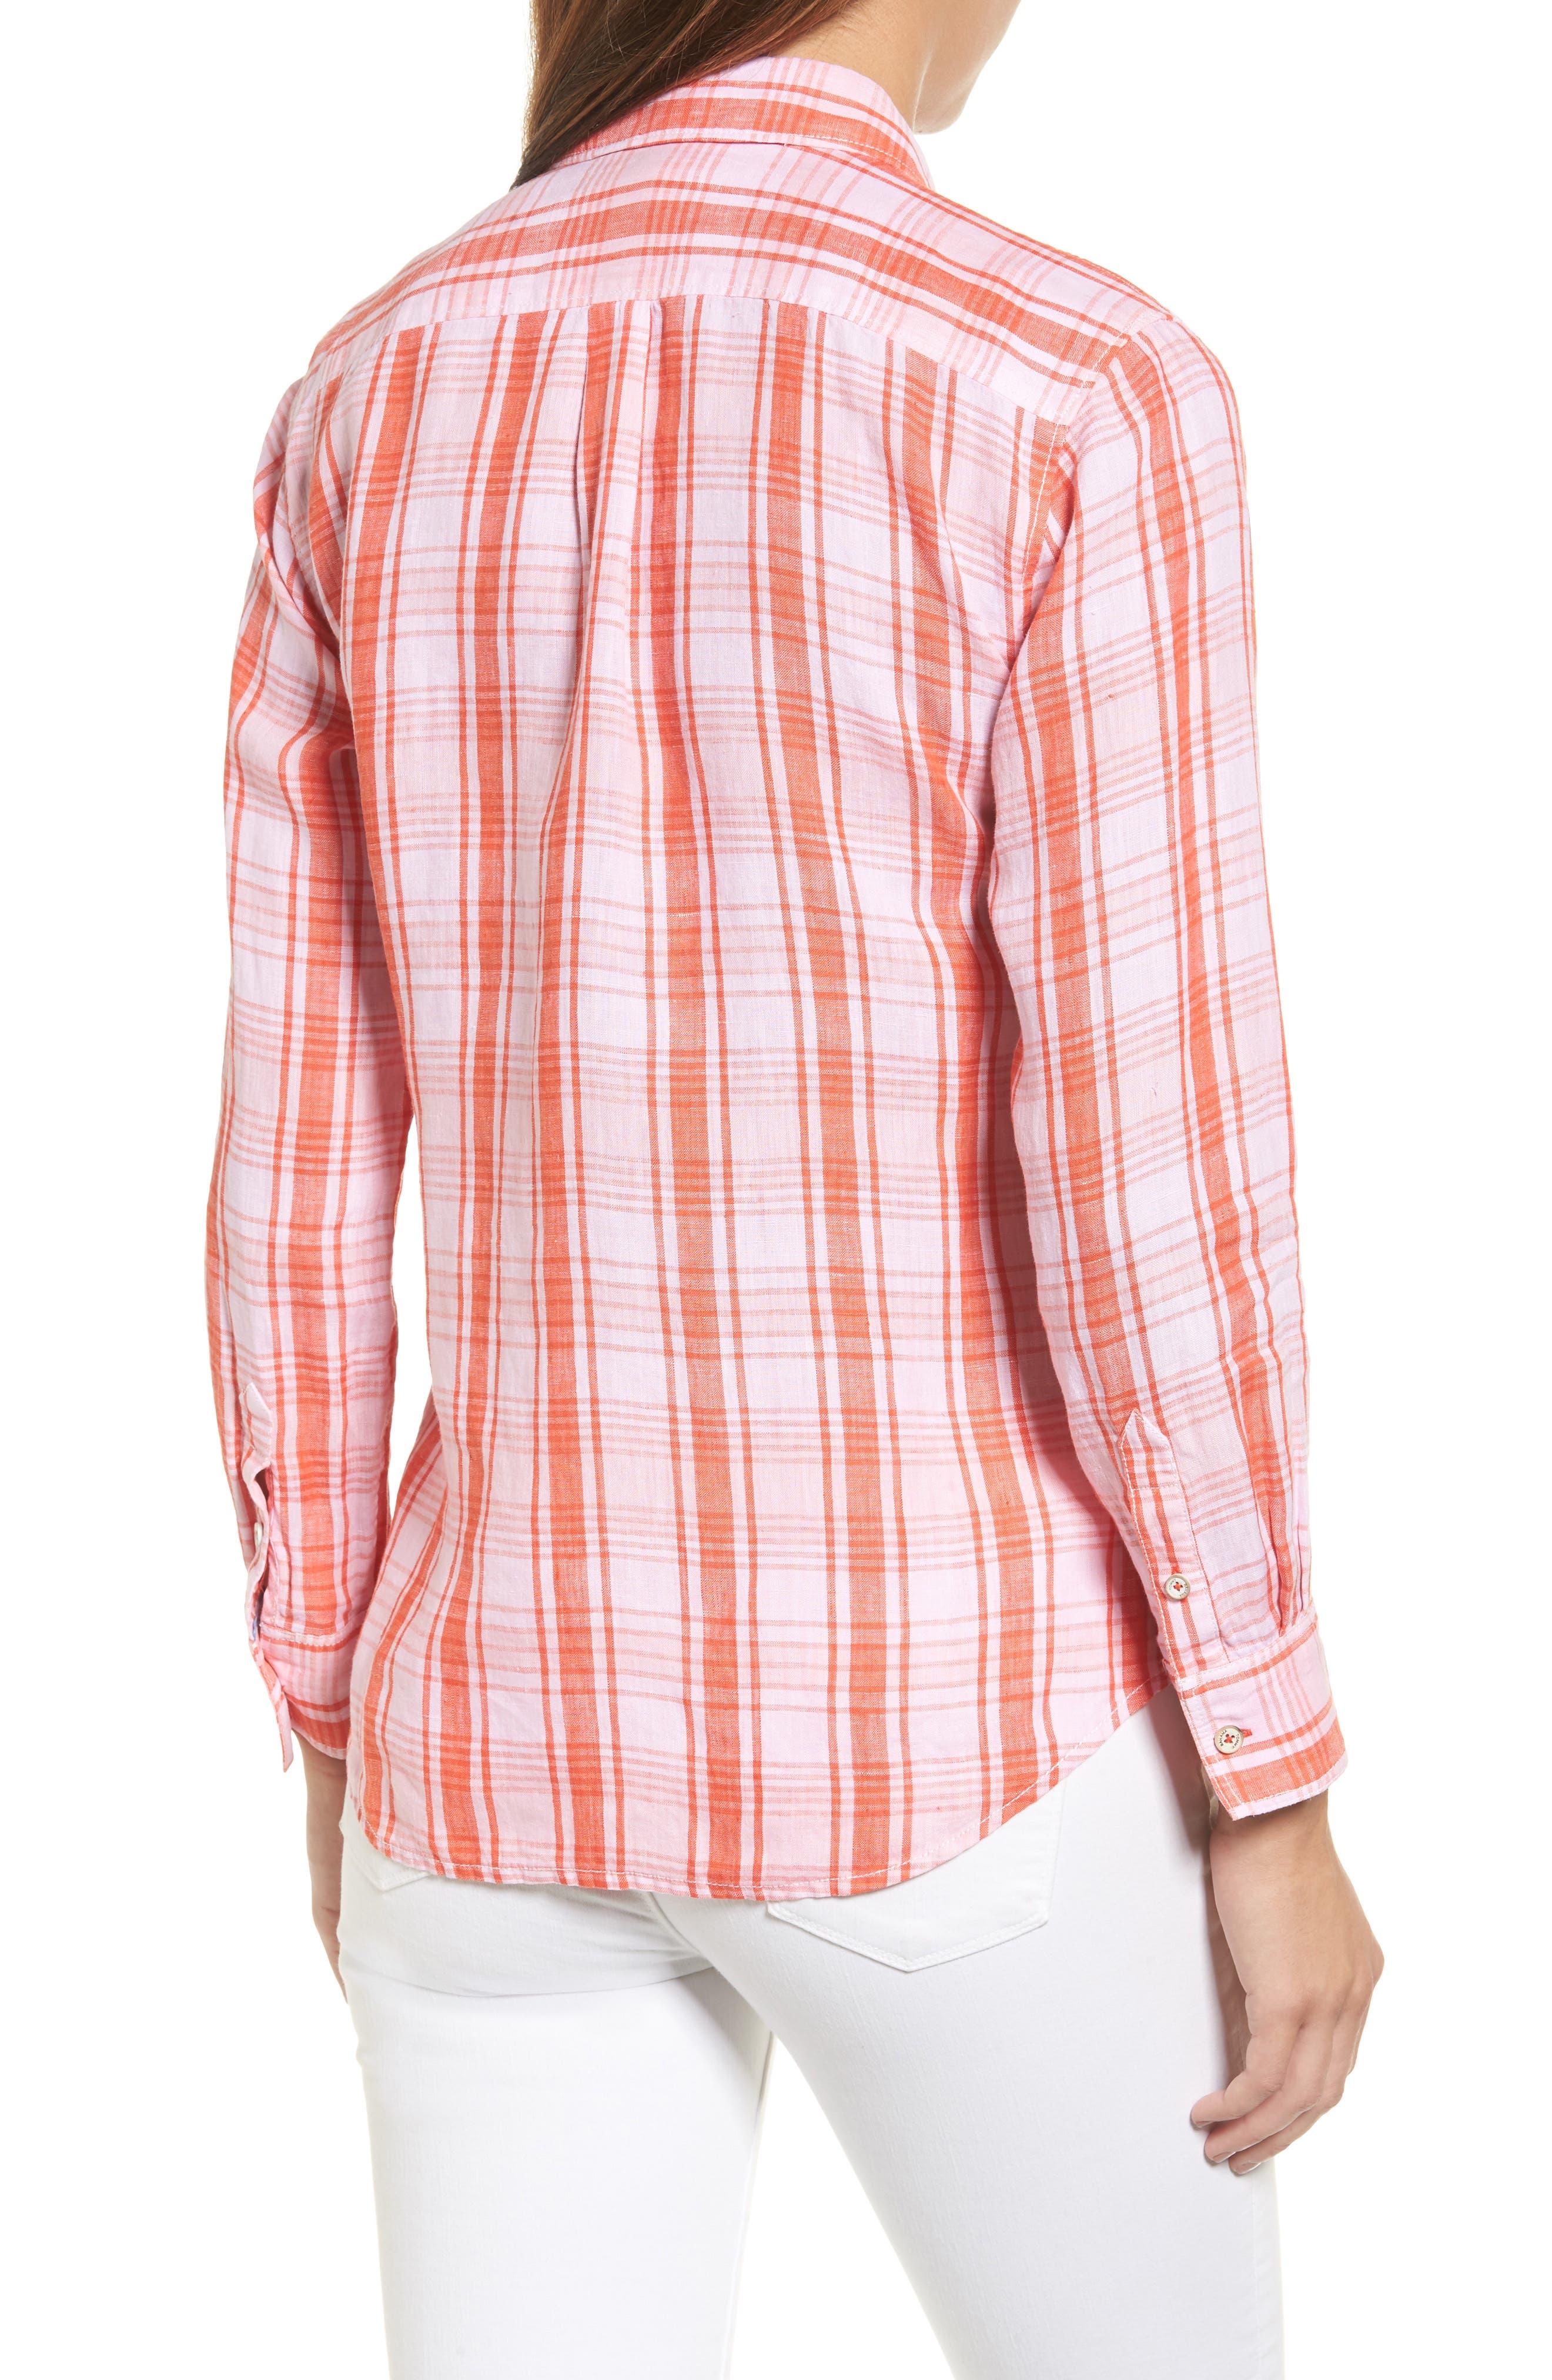 Alternate Image 2  - Tommy Bahama Athena Plaid Linen Shirt